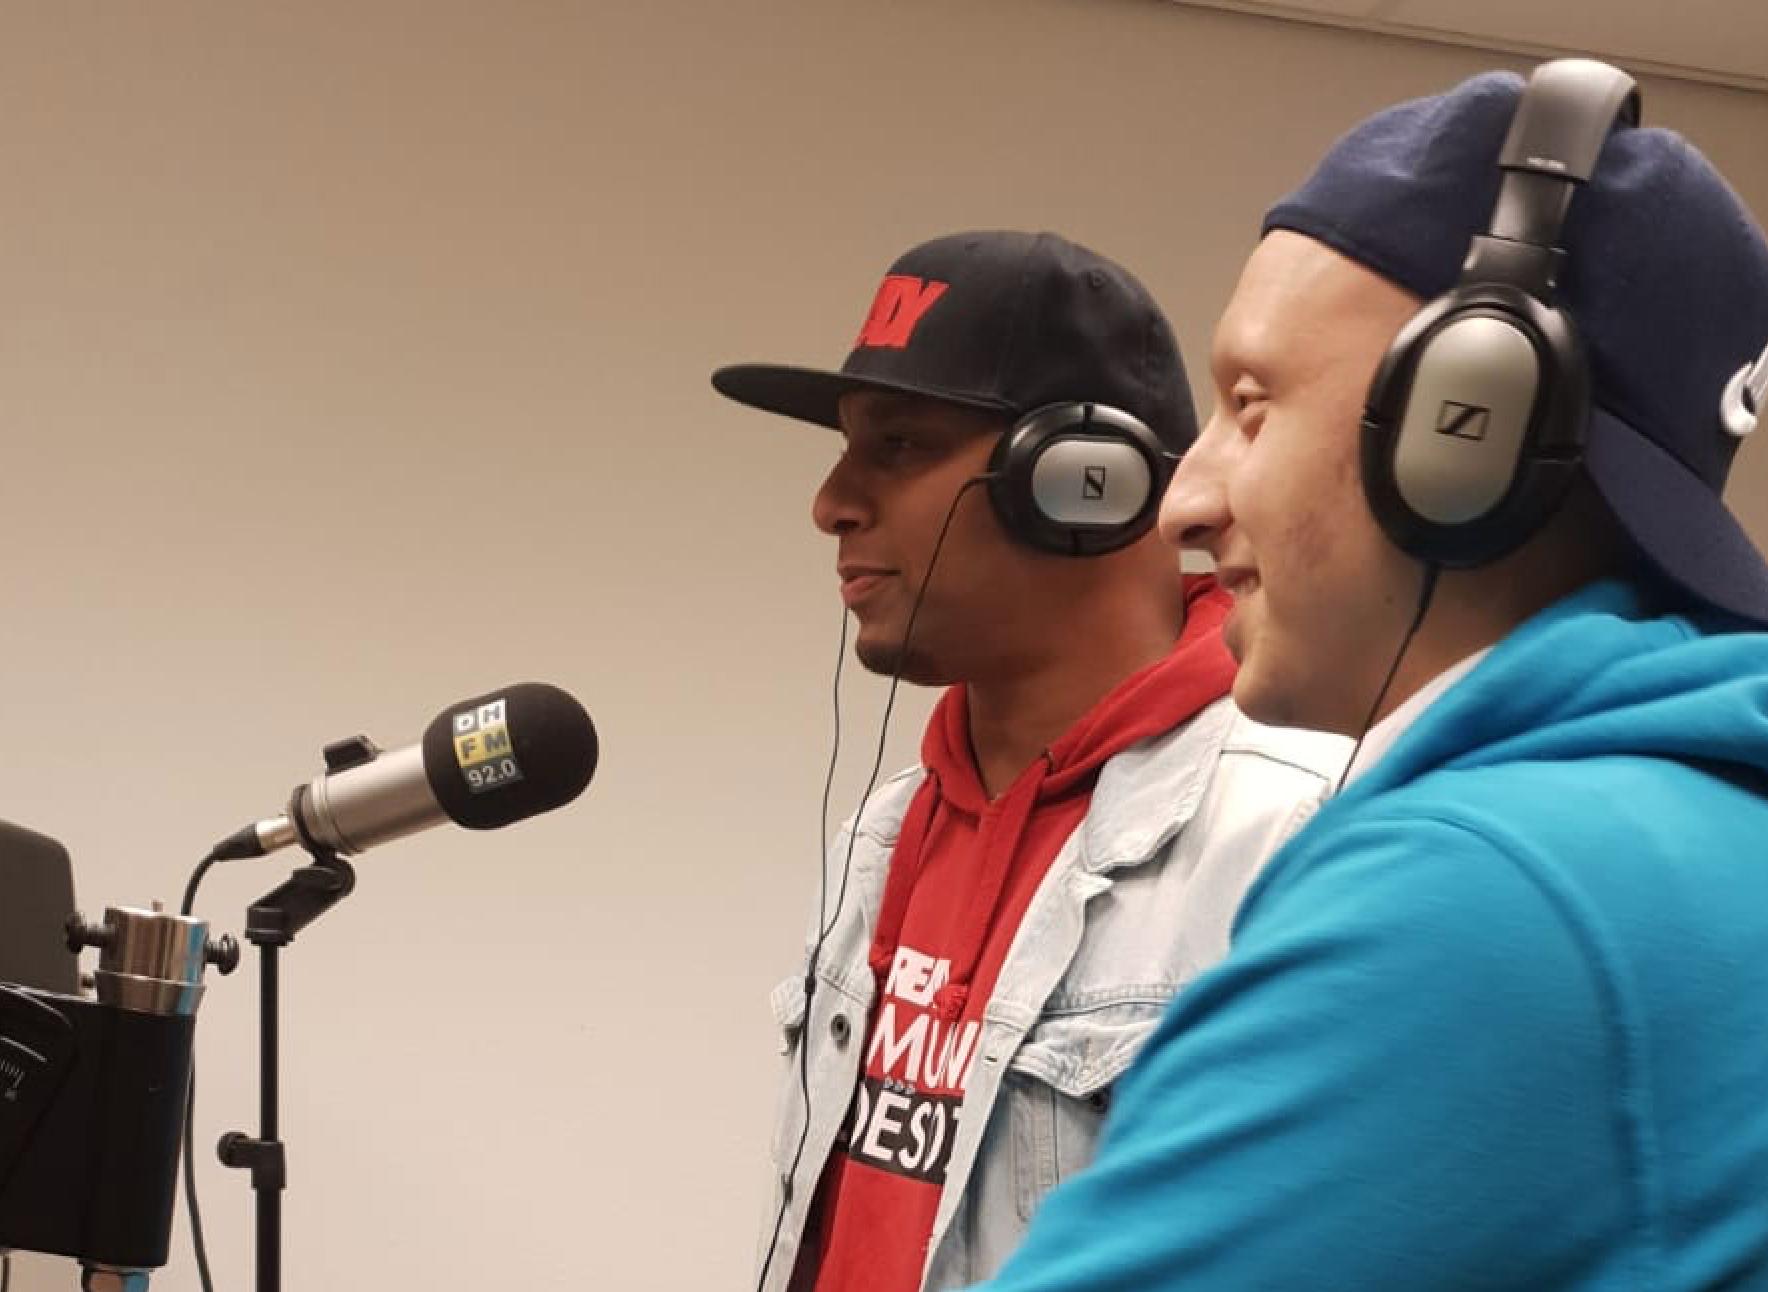 Edwin en Ayoub bij Radio Den Haag Fm om te praten over Community Heroes